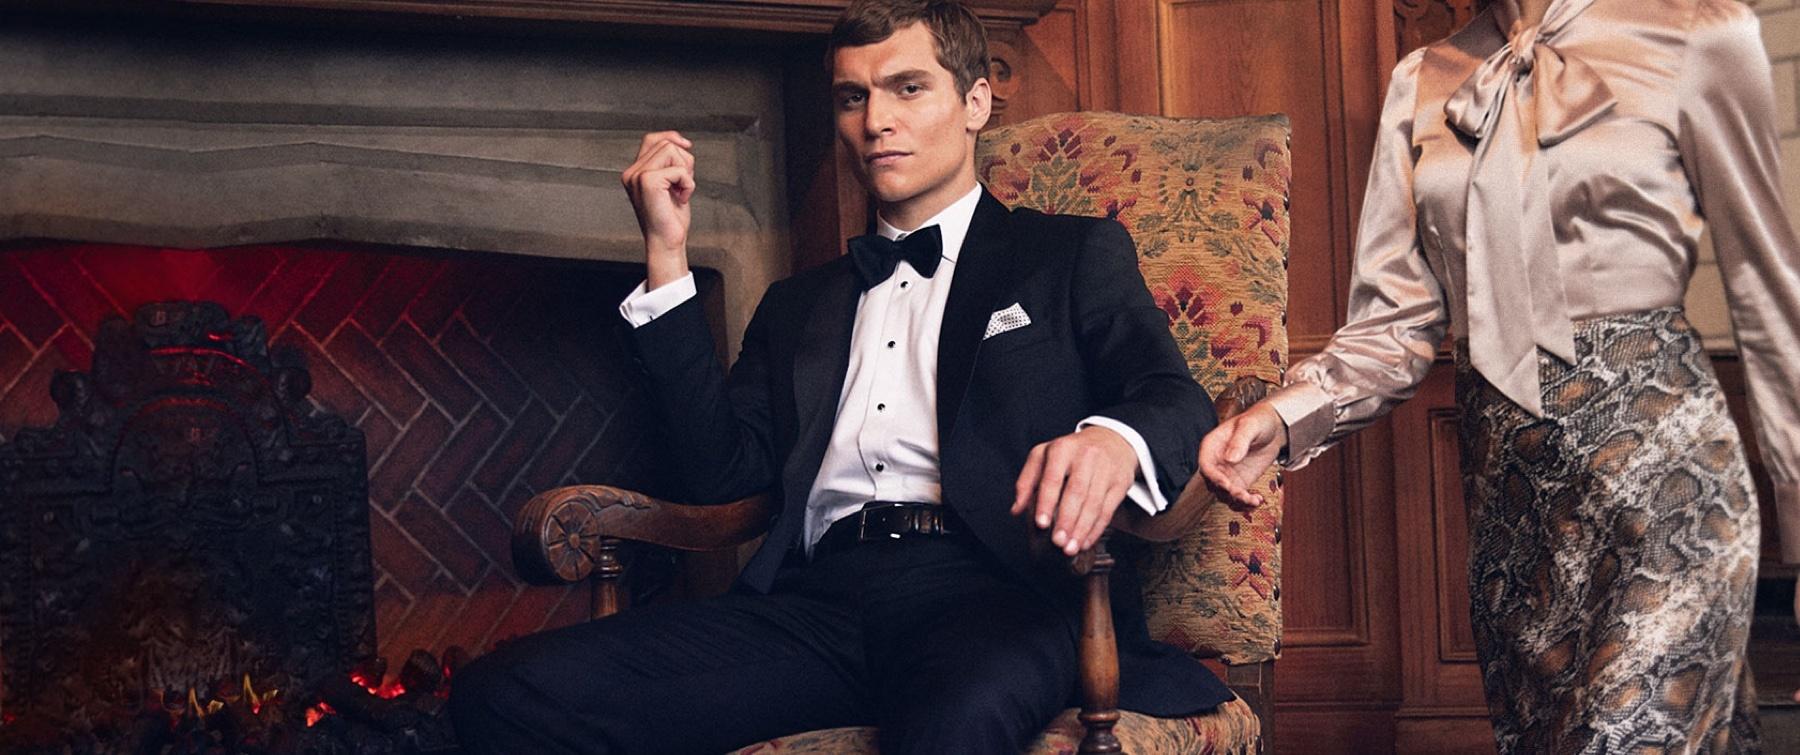 hawes & curtis| dresscode black tie: ein style-guide für herren